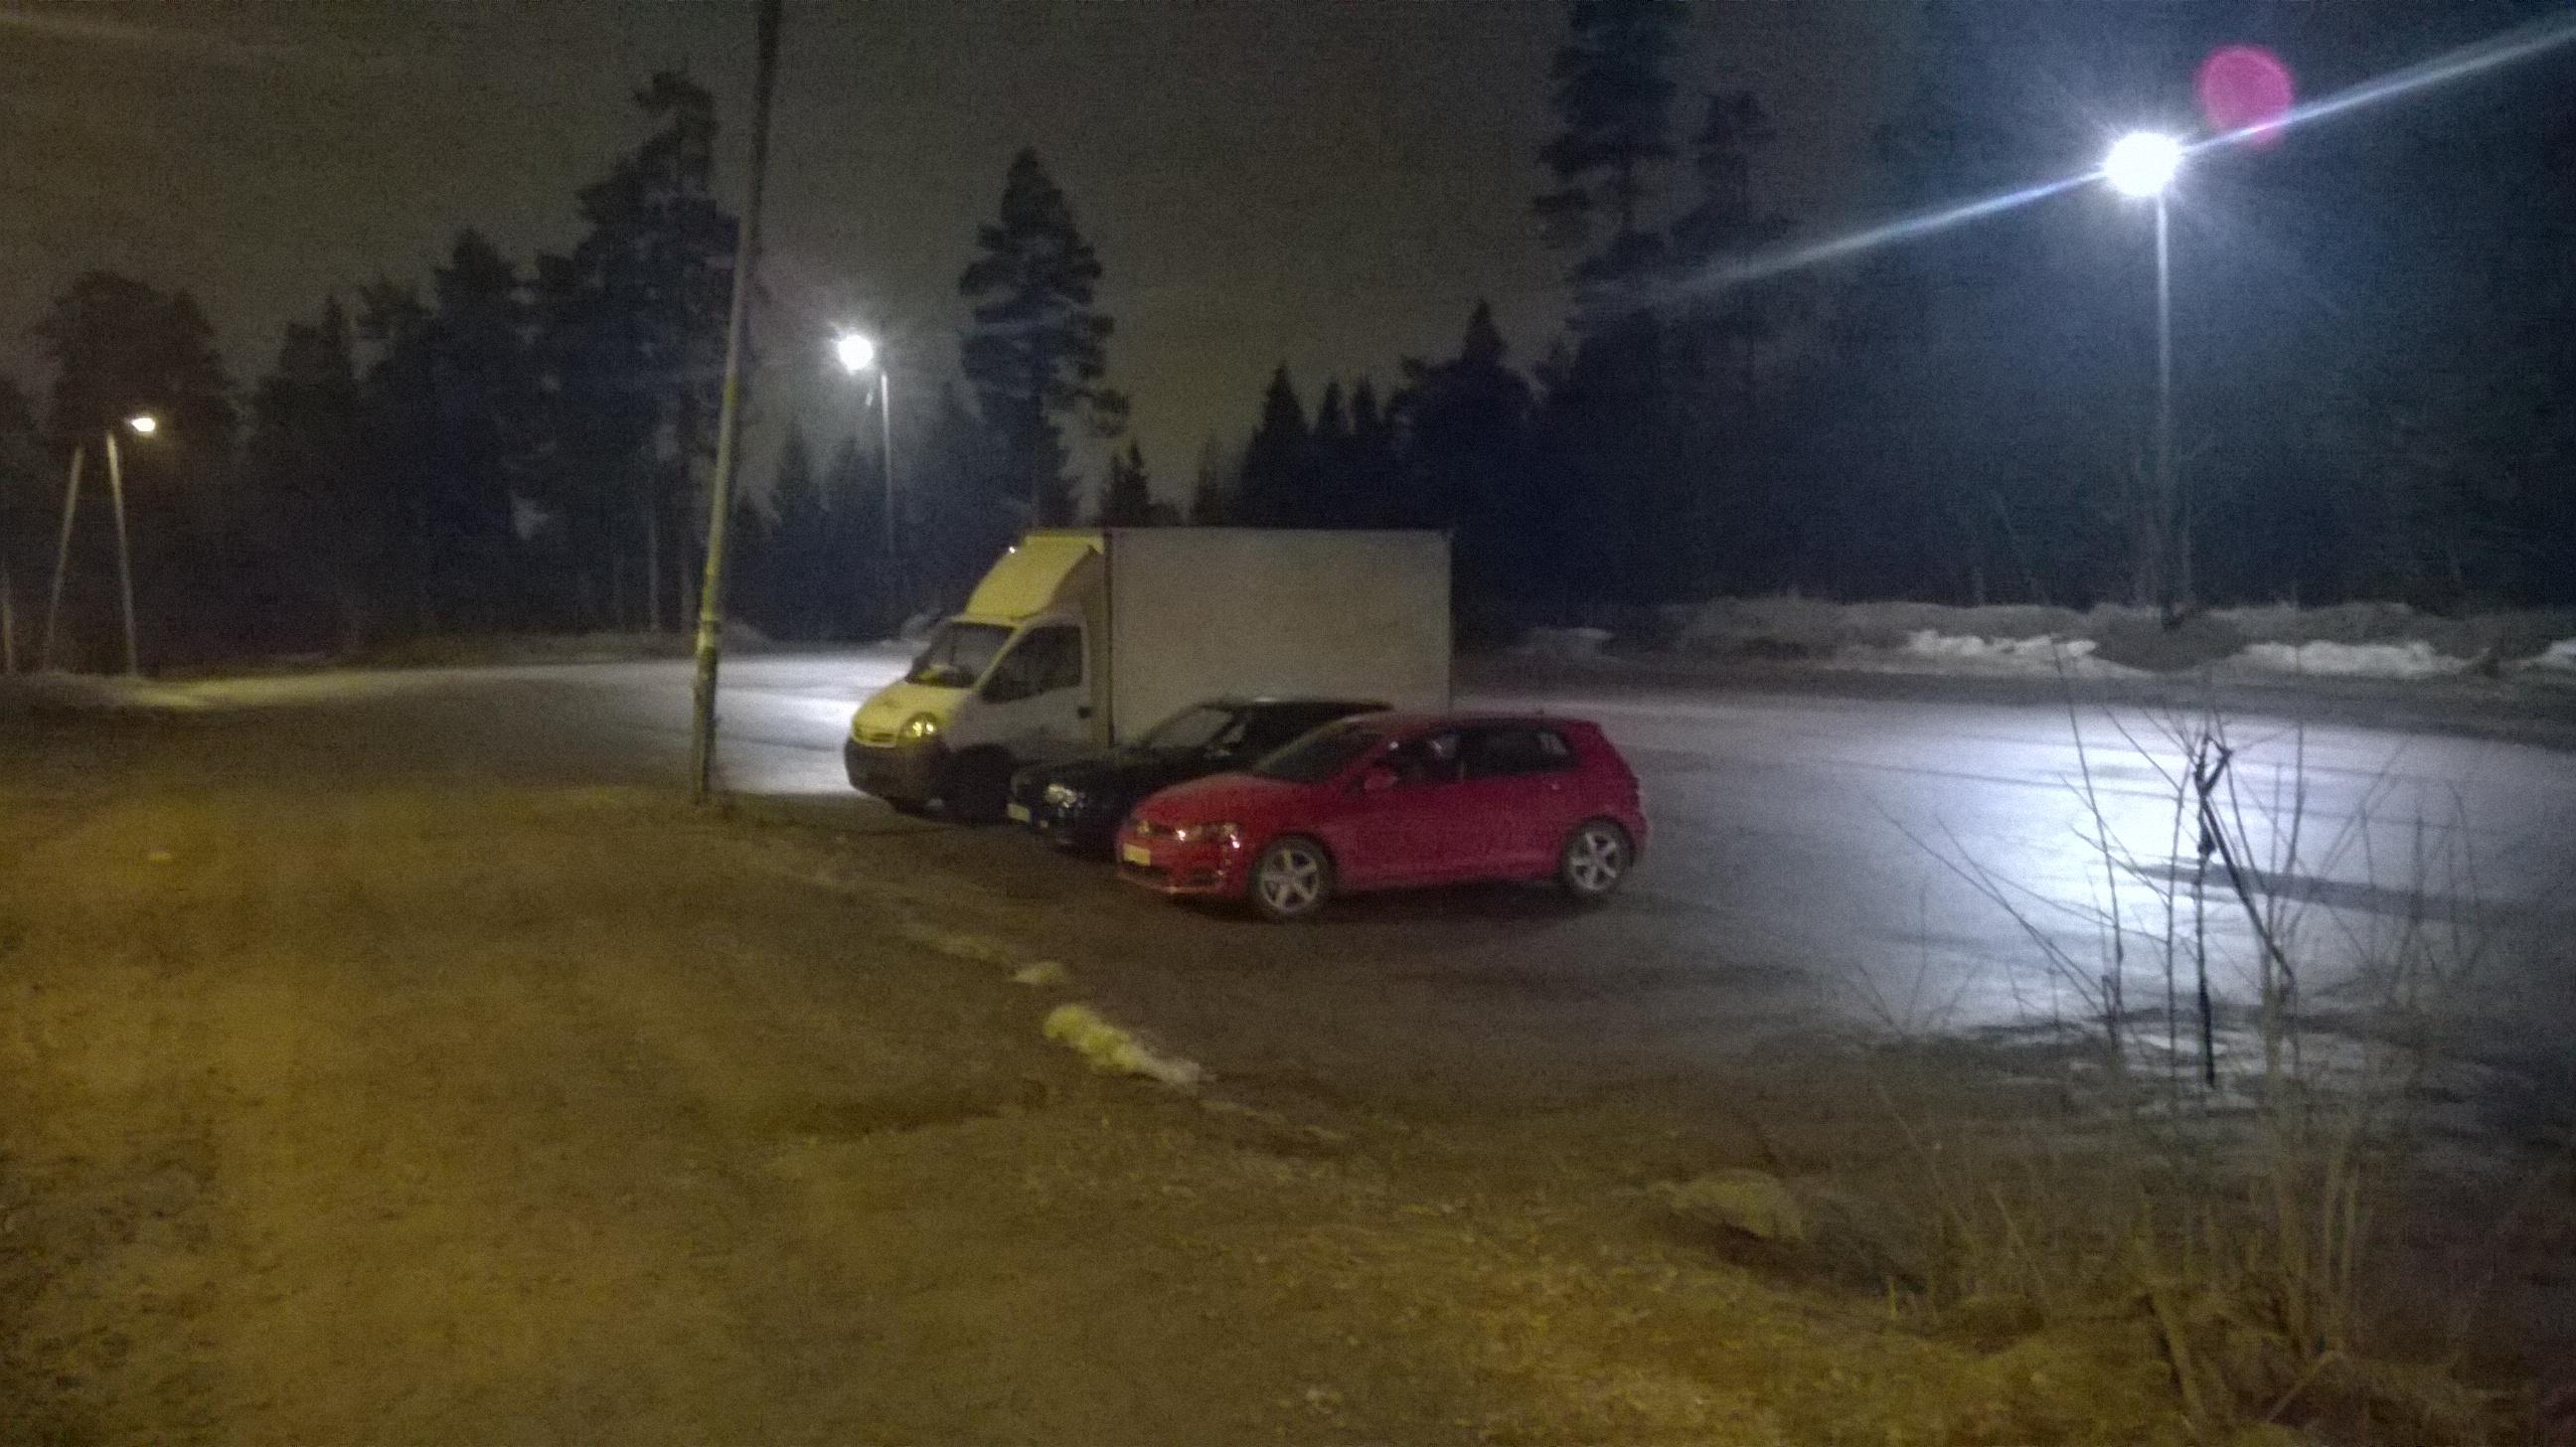 Testbilde natt (Nokia Camera)